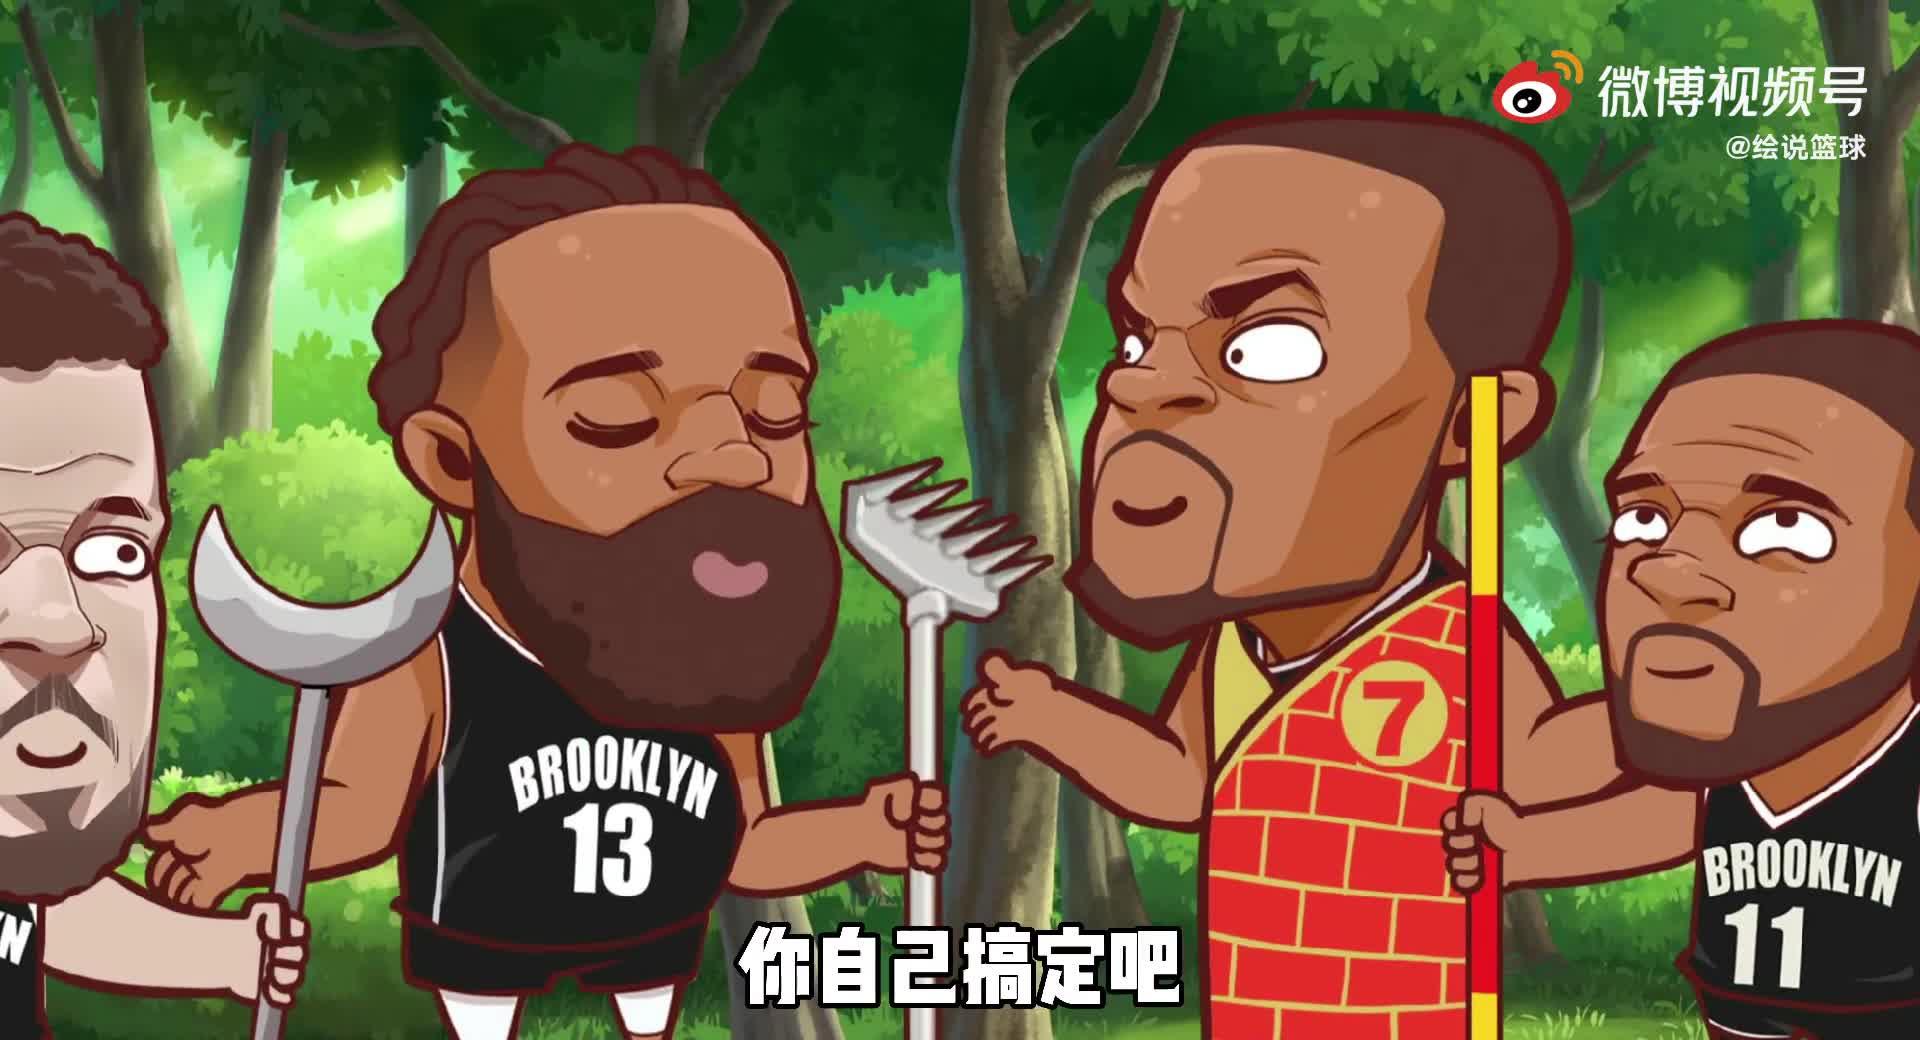 绘说篮球:哈登欧文都缺席G5